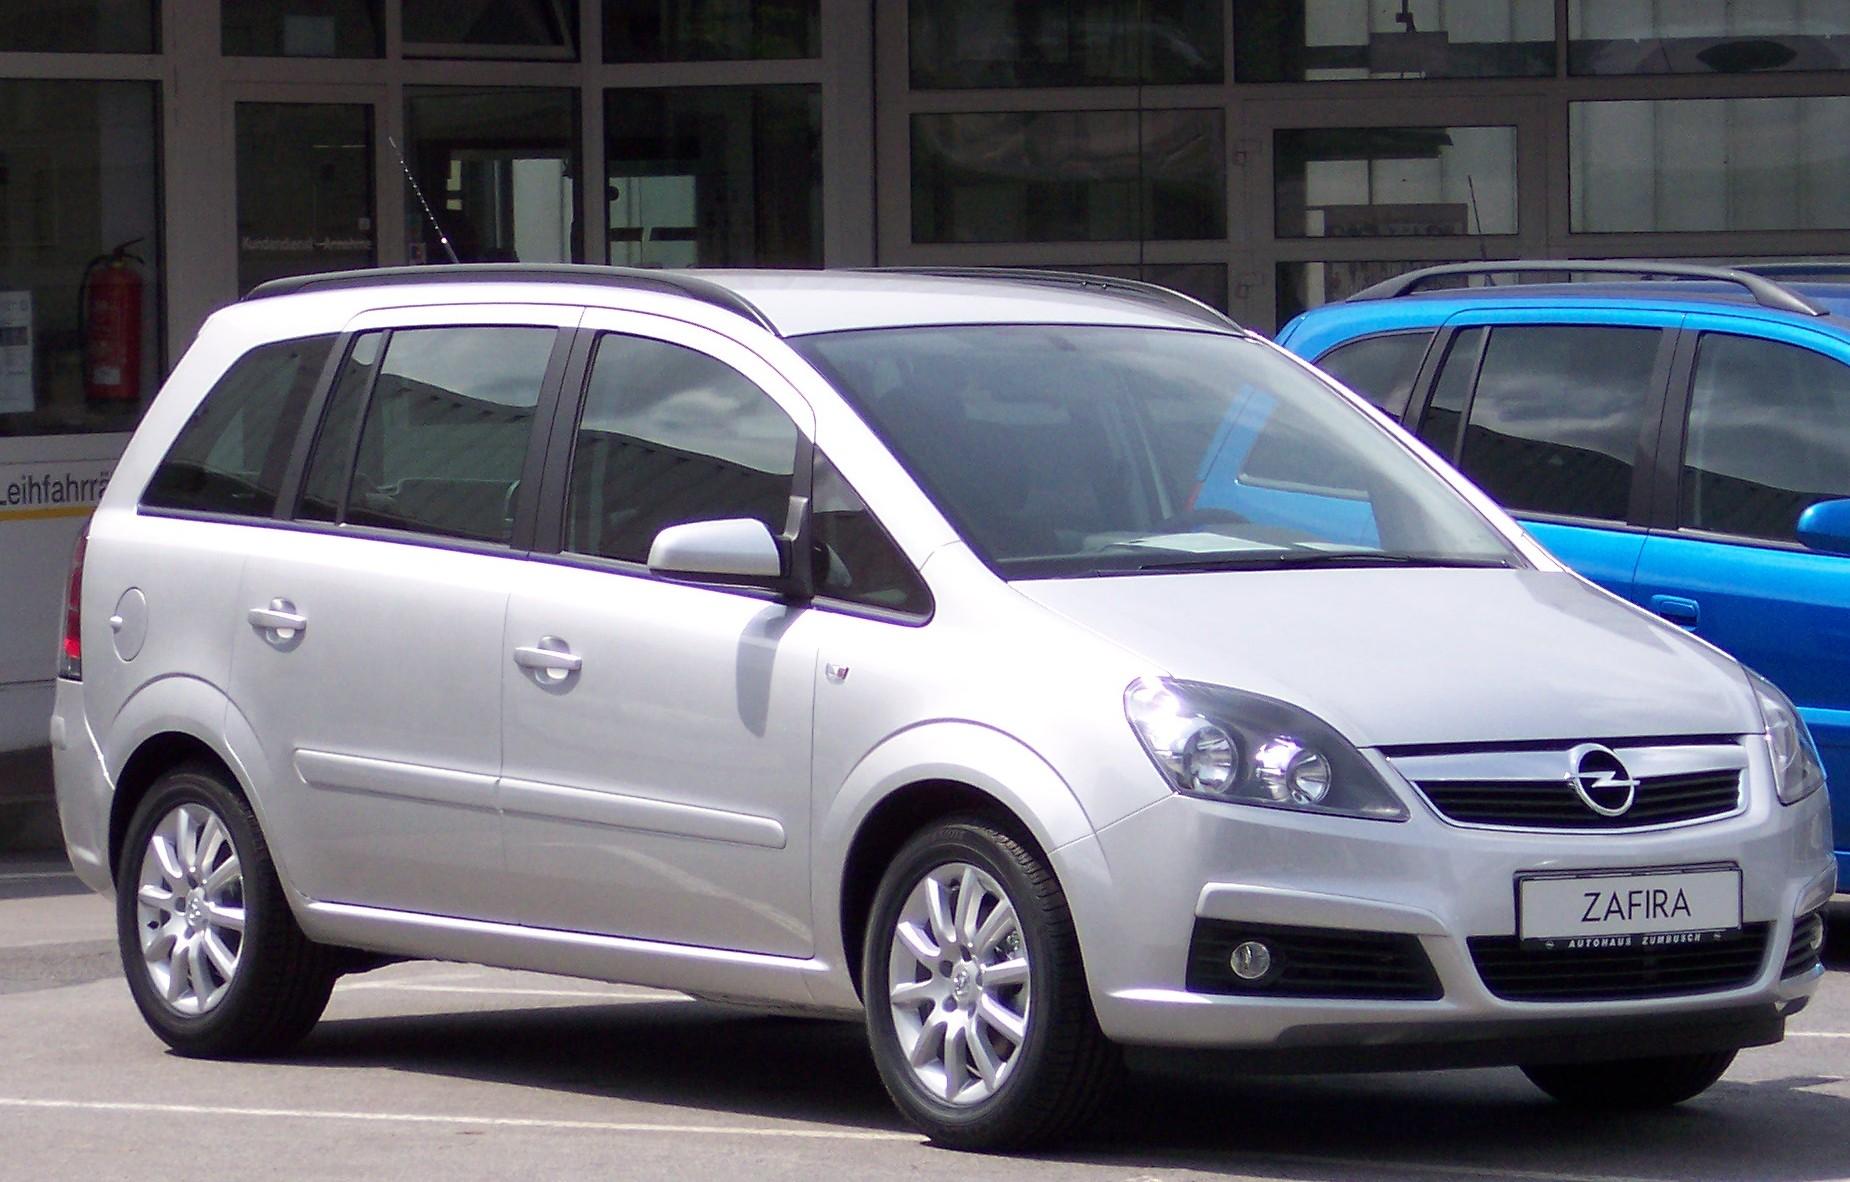 Chevrolet Zafira 2005 foto - 1